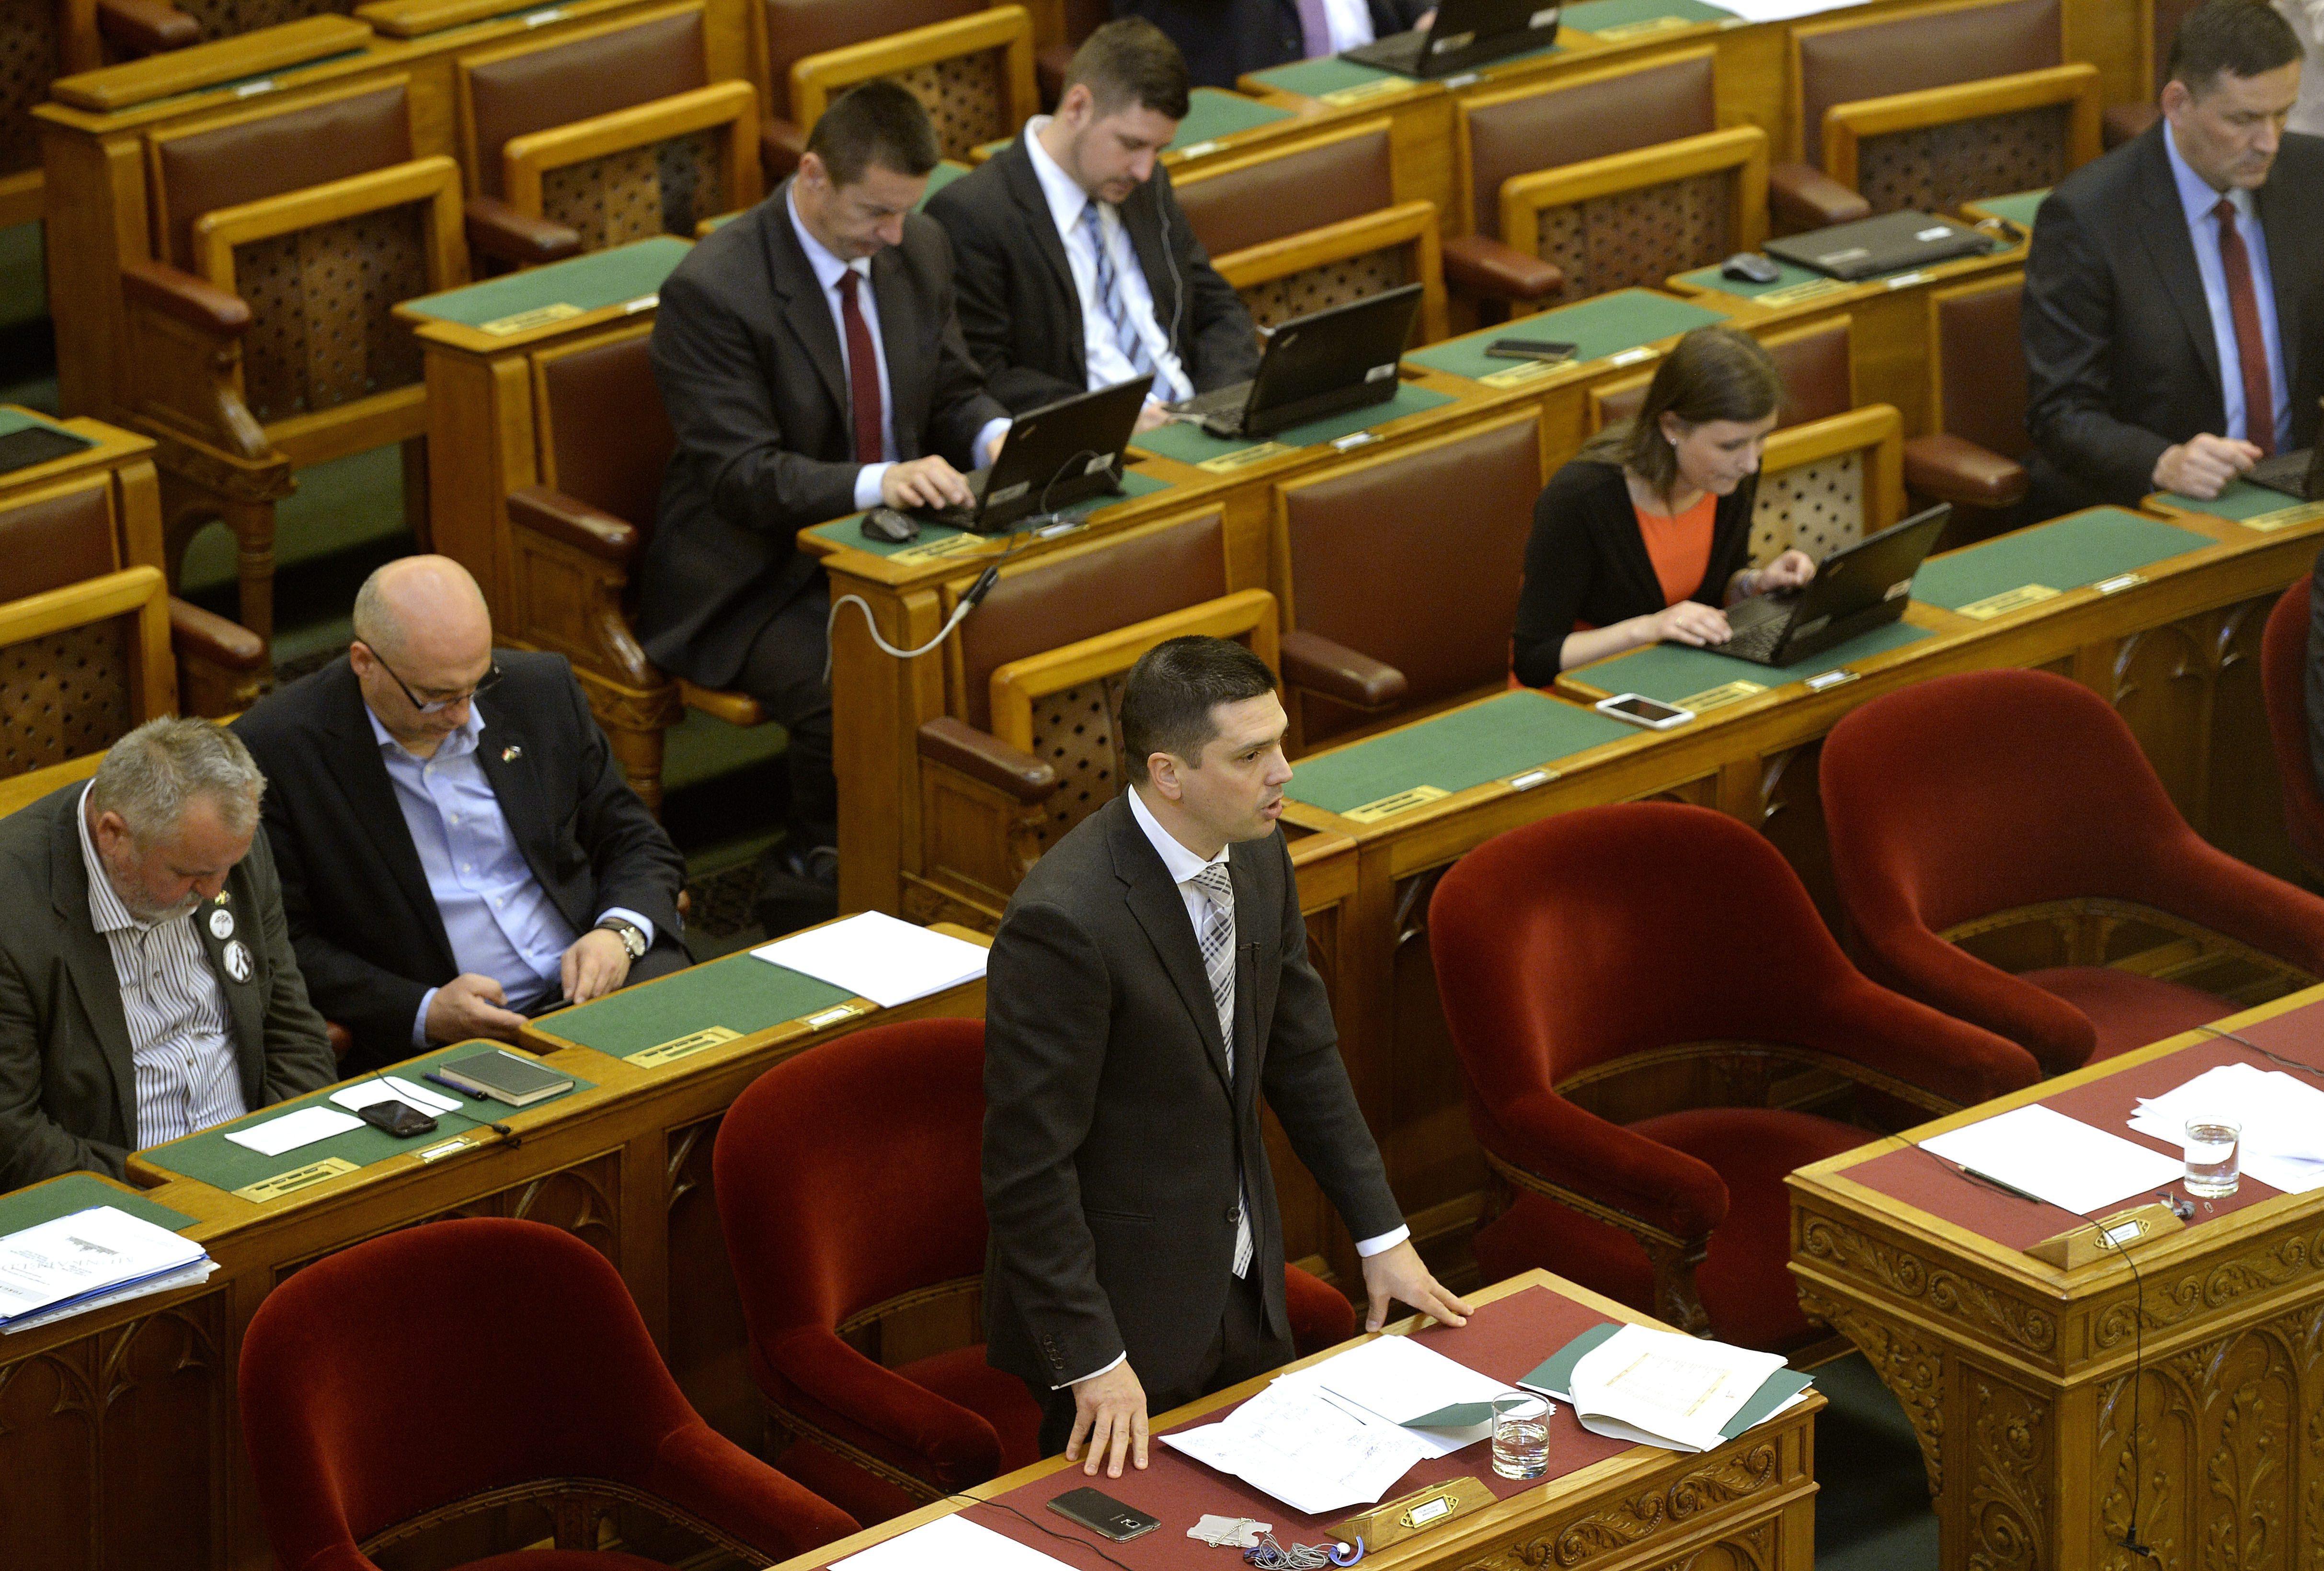 Az eddigi állami földekért felelős államtitkár, aki véletlenül együtt kávézott Mészáros Lőrinccel, két helyről kapott fizetést, a vagyona mégis csökkent öt év alatt